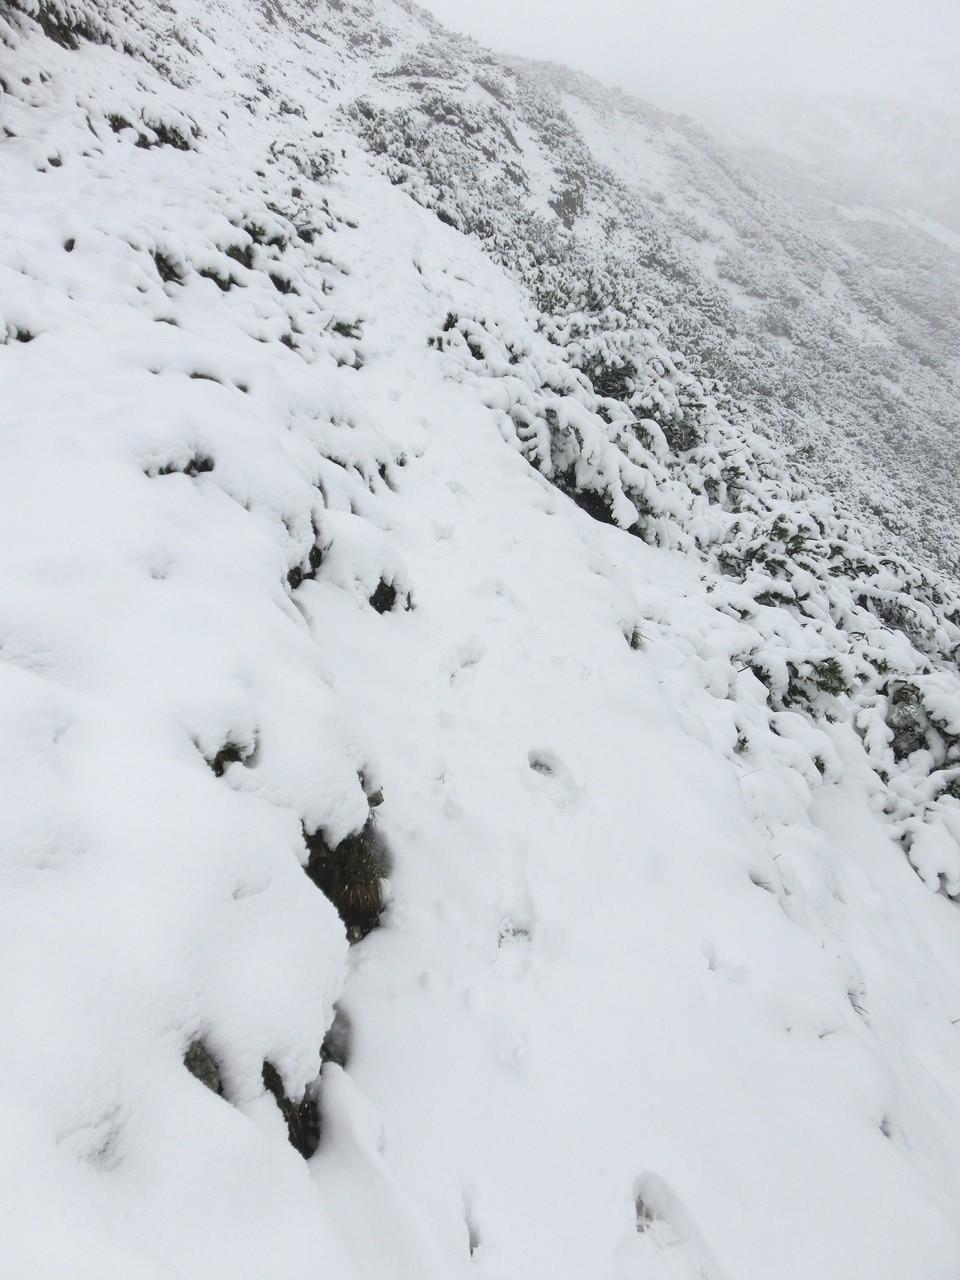 Zurückblickend, meine Spuren im Schnee.